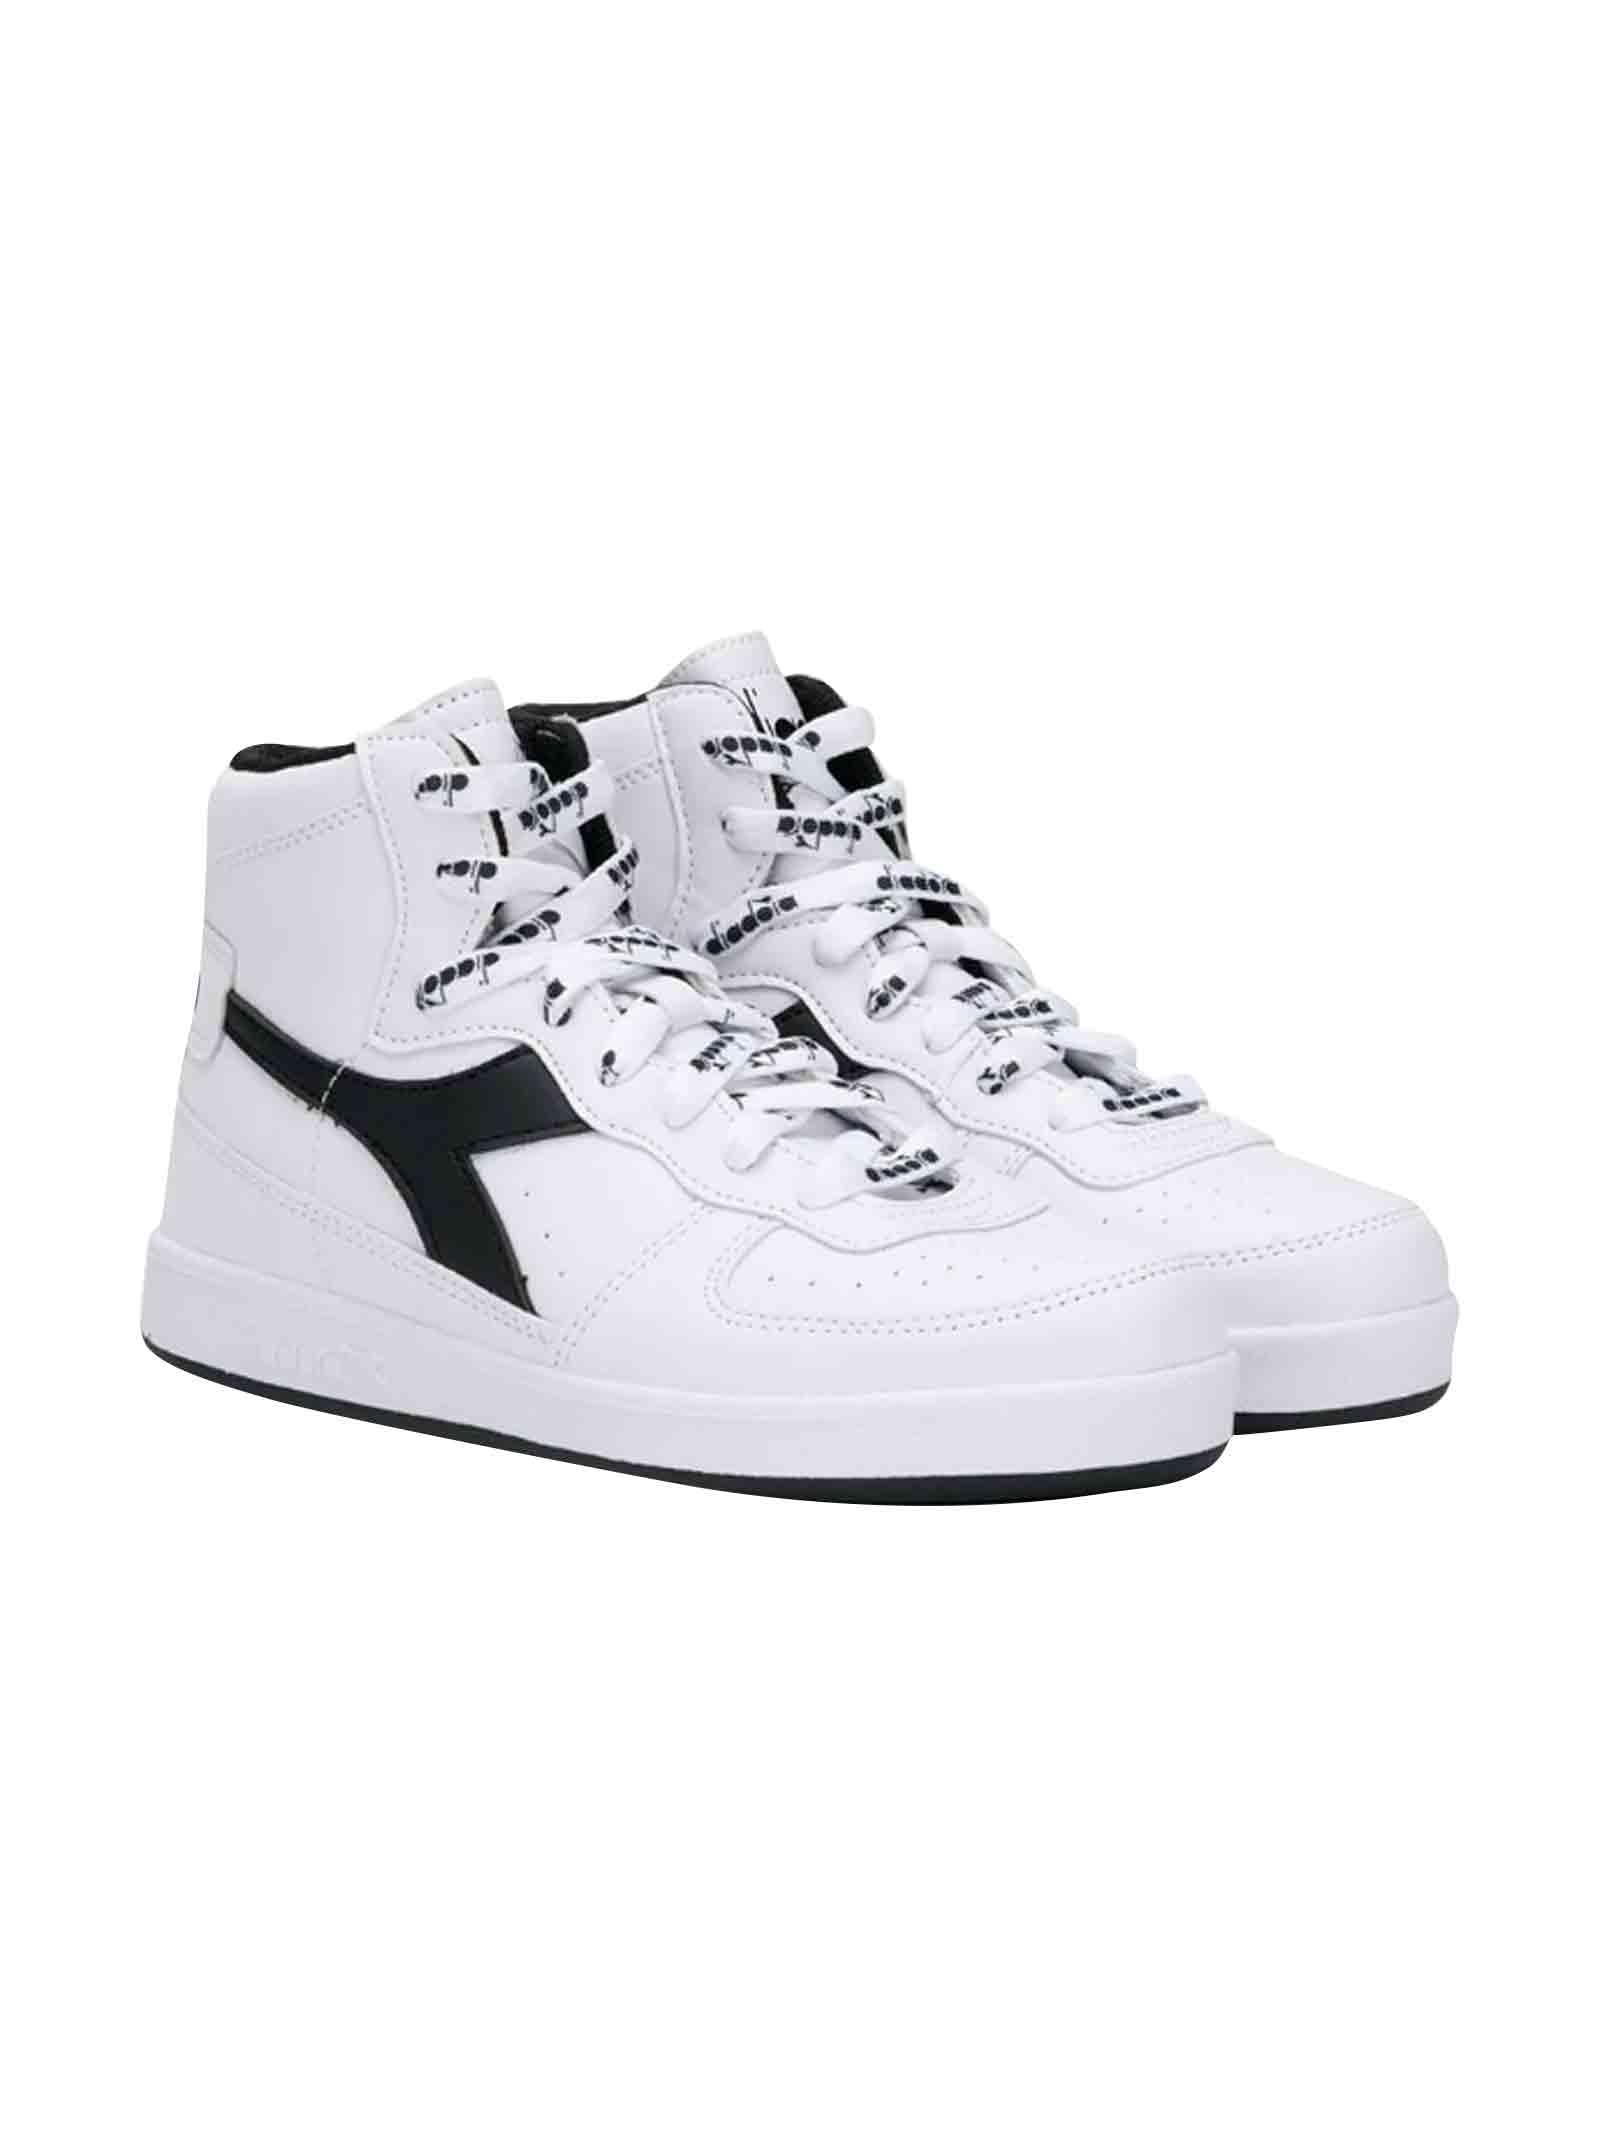 9271ec2a White Diadora junior high-top sneakers